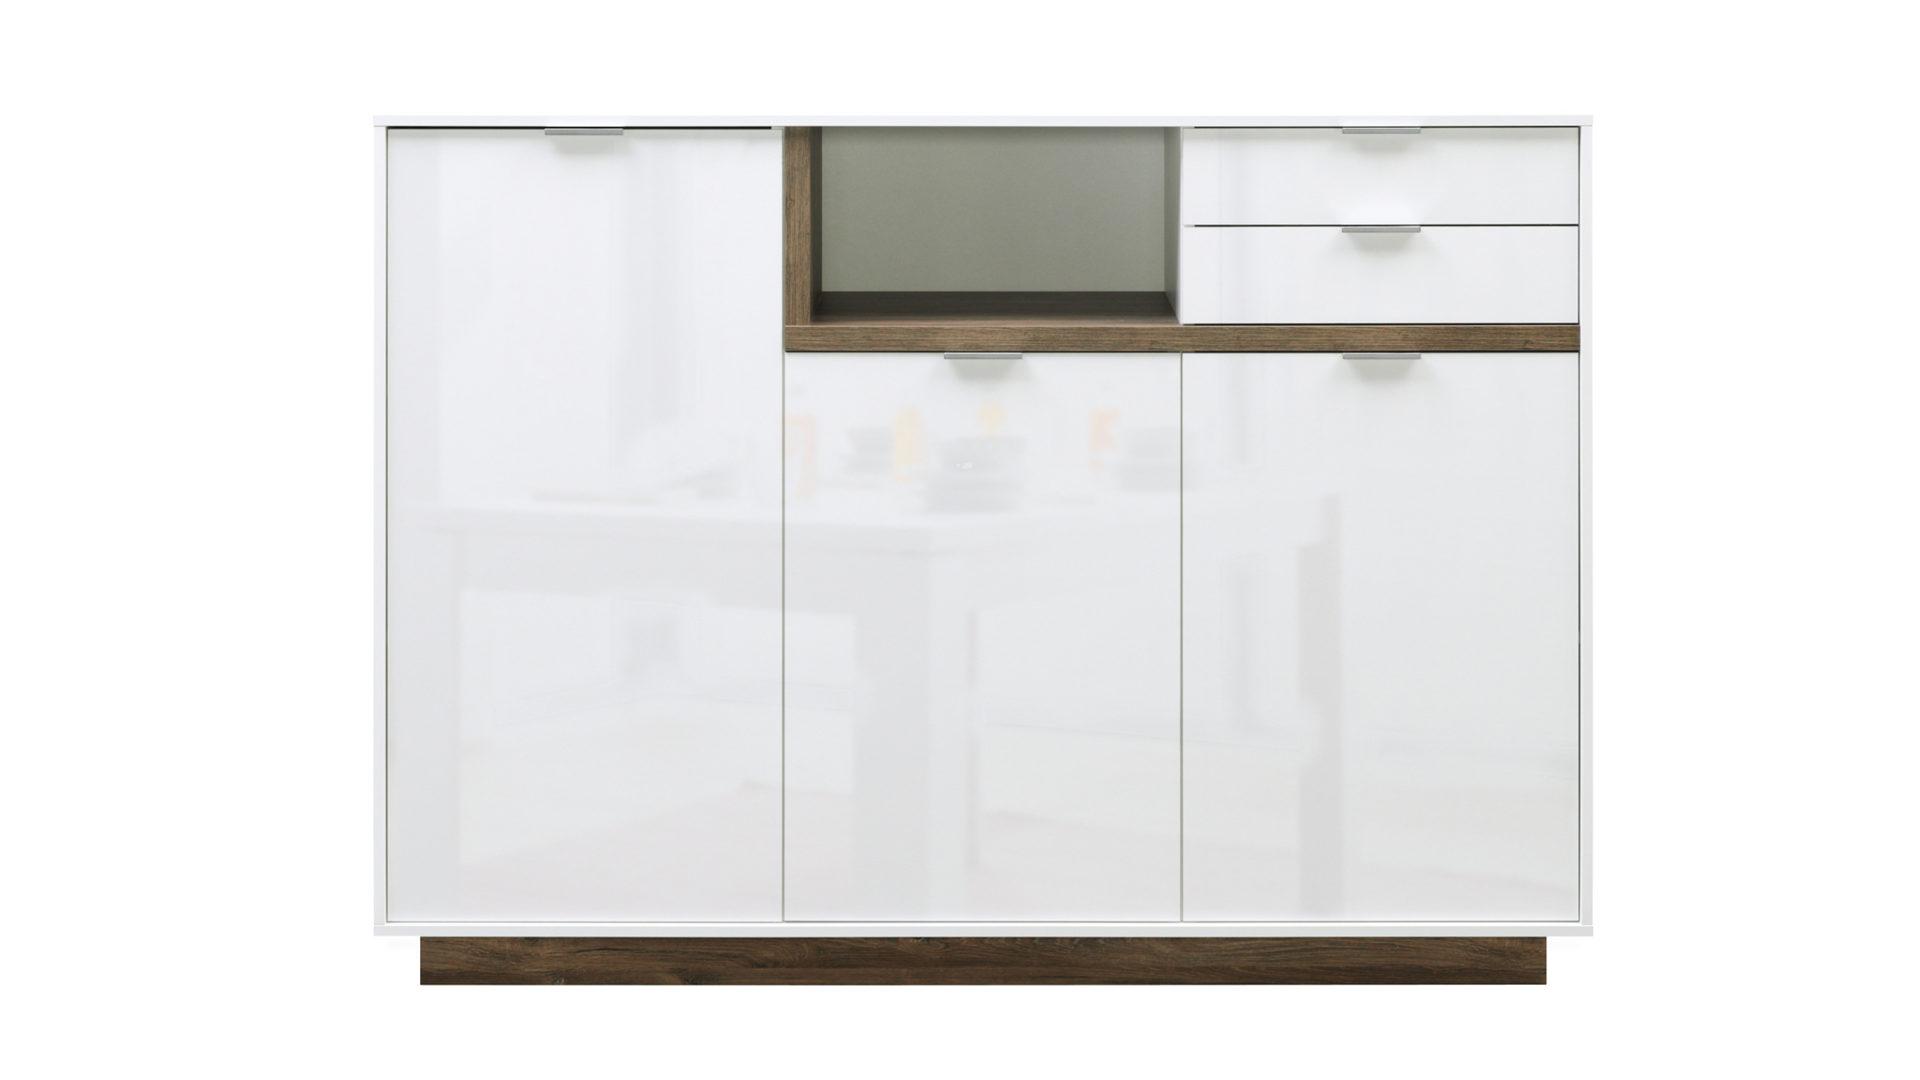 Hertel Möbel Gesees | Räume | Schlafzimmer | Kommoden + Sideboards ...